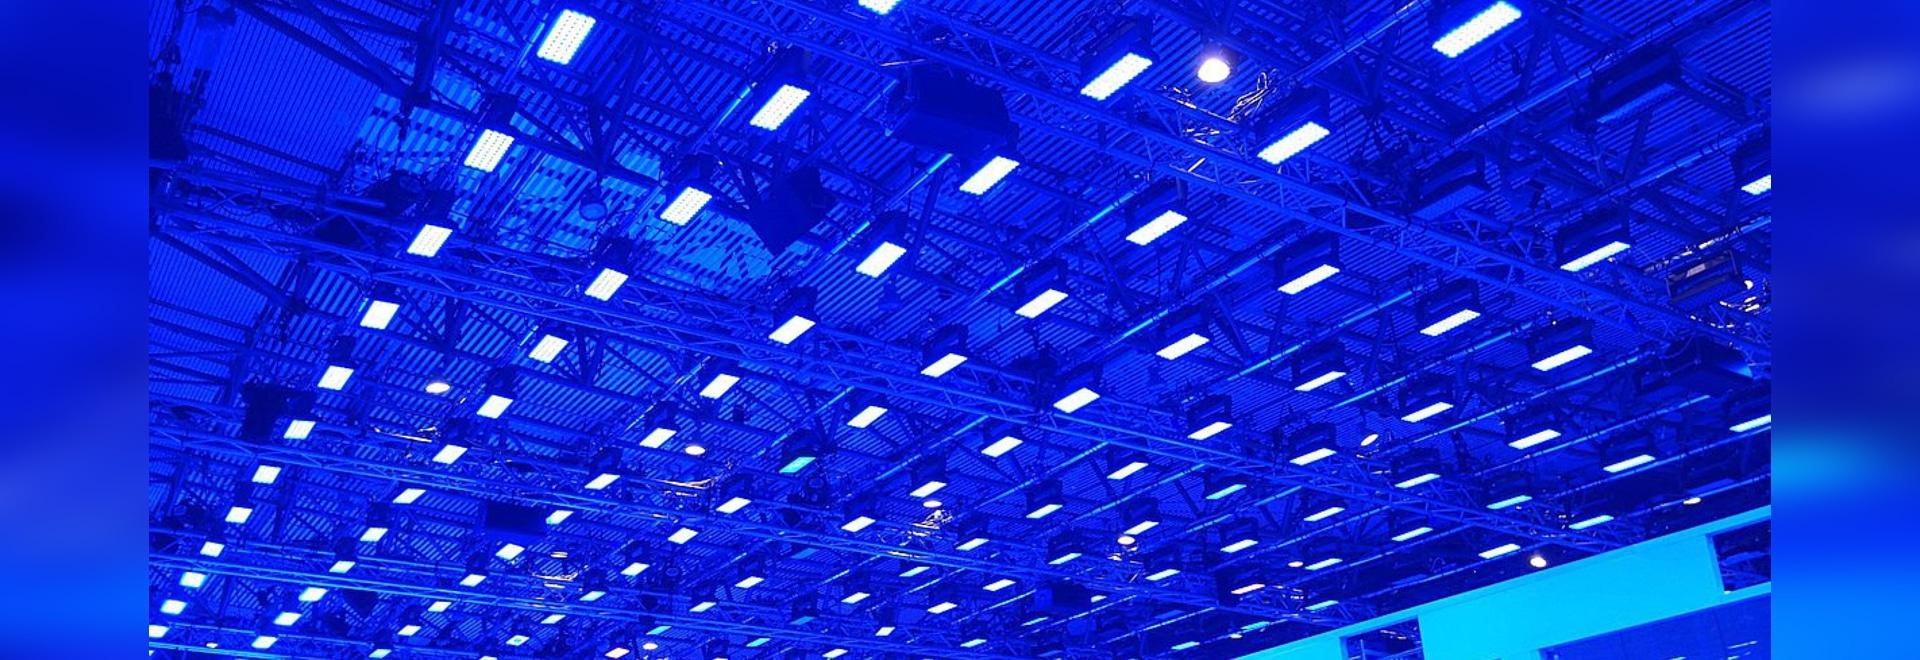 Salvatore Ferragamo fashion show illuminated by SGM 314 P-5 wash lights